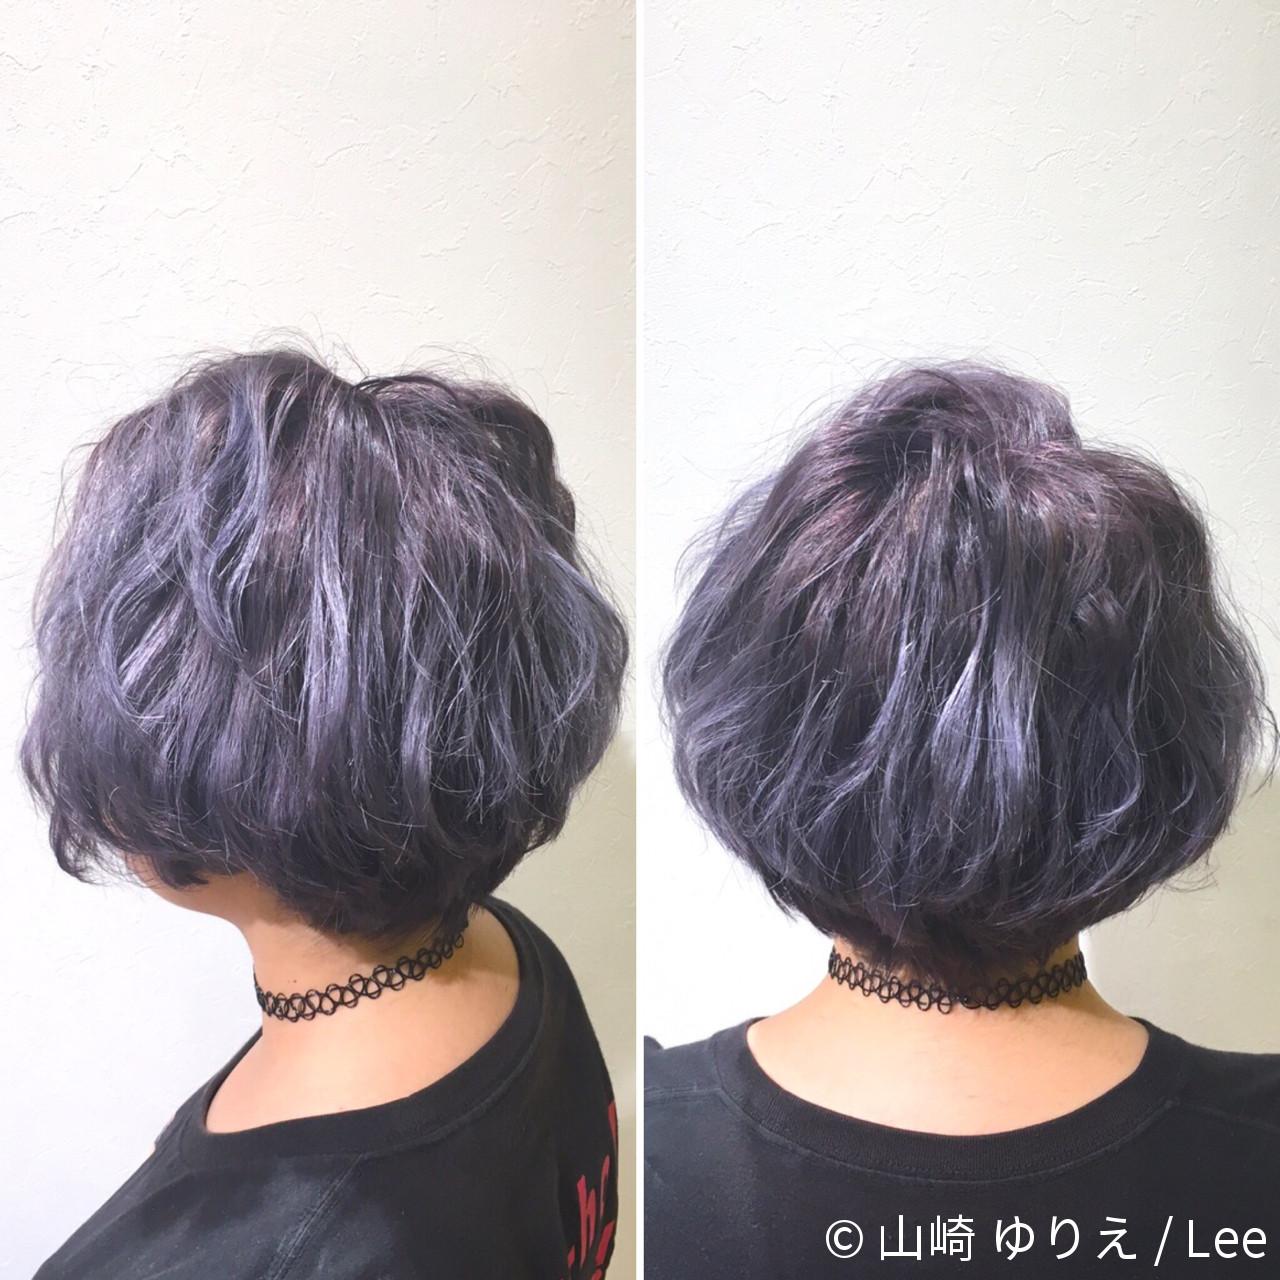 ハイライト アッシュ ストリート グラデーションカラーヘアスタイルや髪型の写真・画像